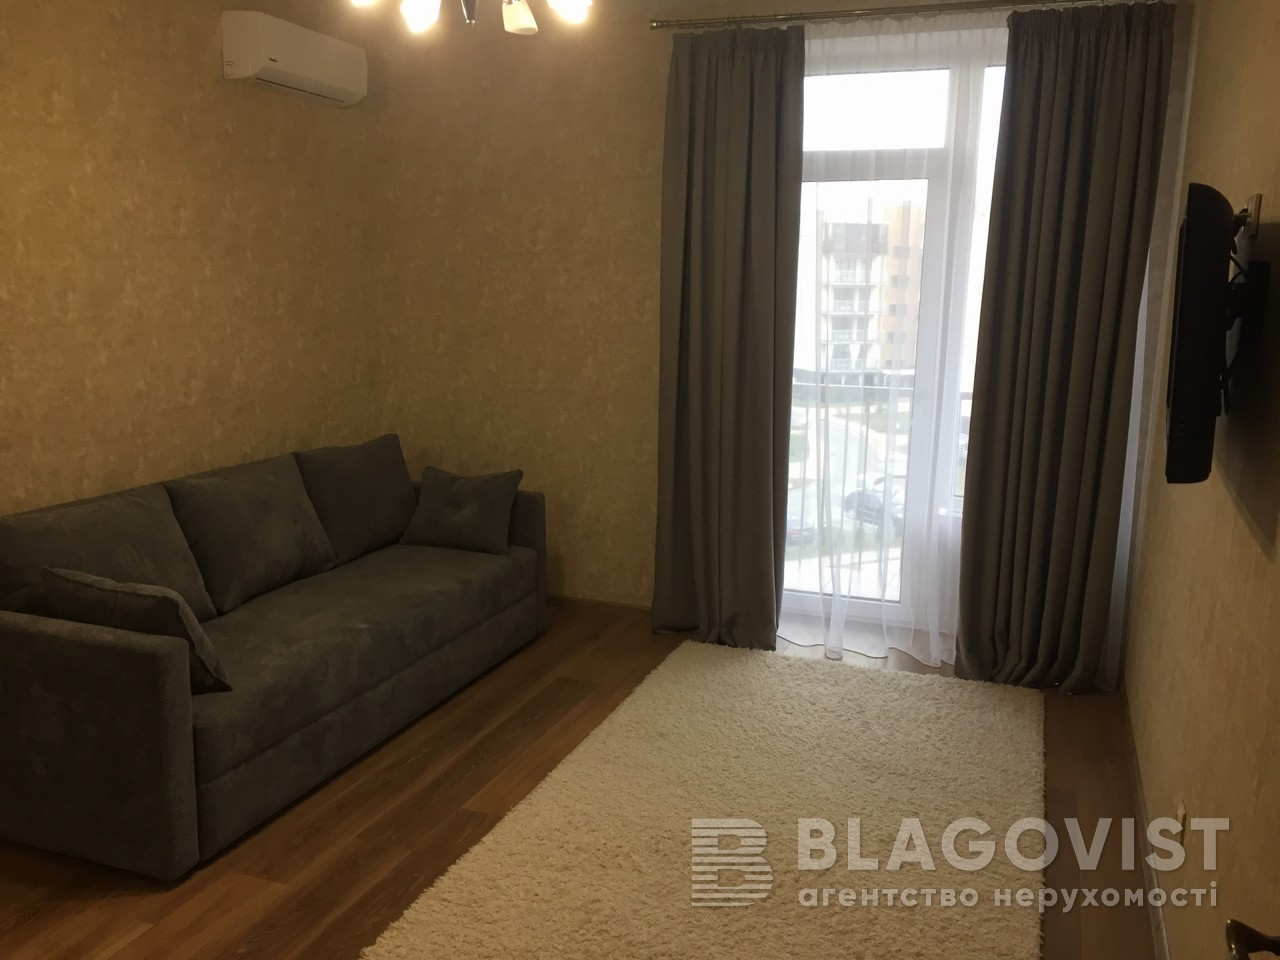 Квартира A-111082, Кавалеридзе Ивана, 11, Киев - Фото 3